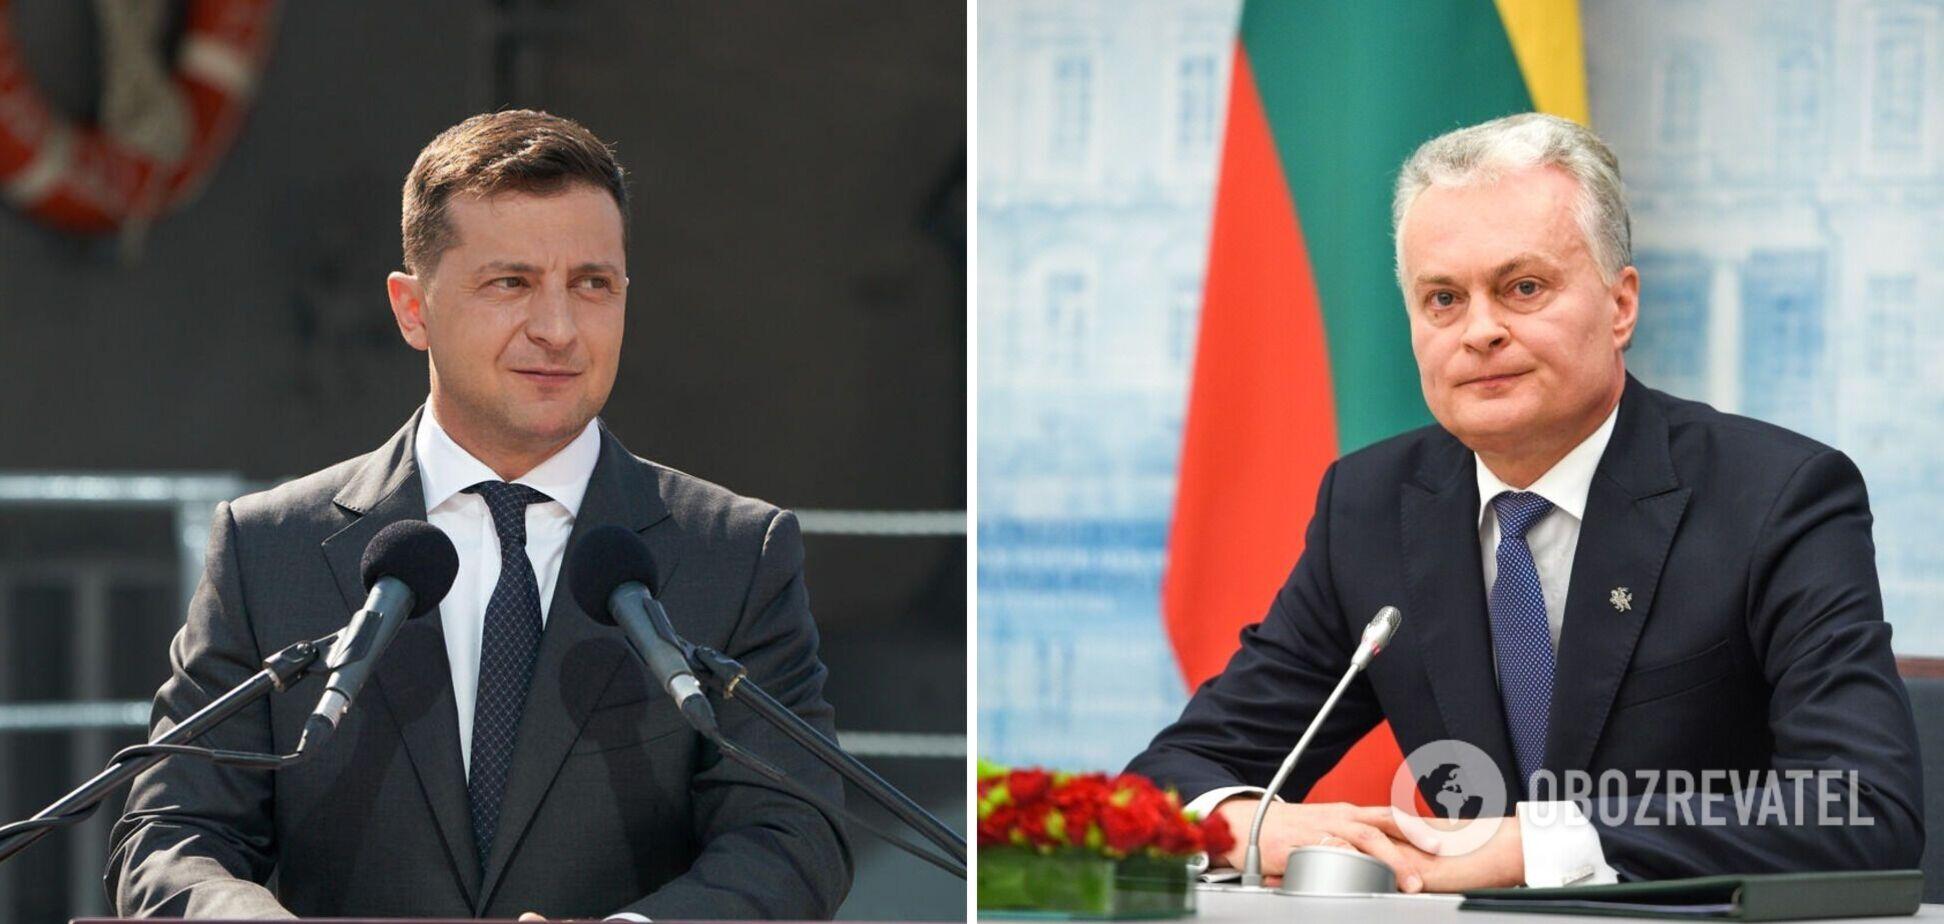 Зеленський зустрінеться з президентом Литви в Києві: озвучено план